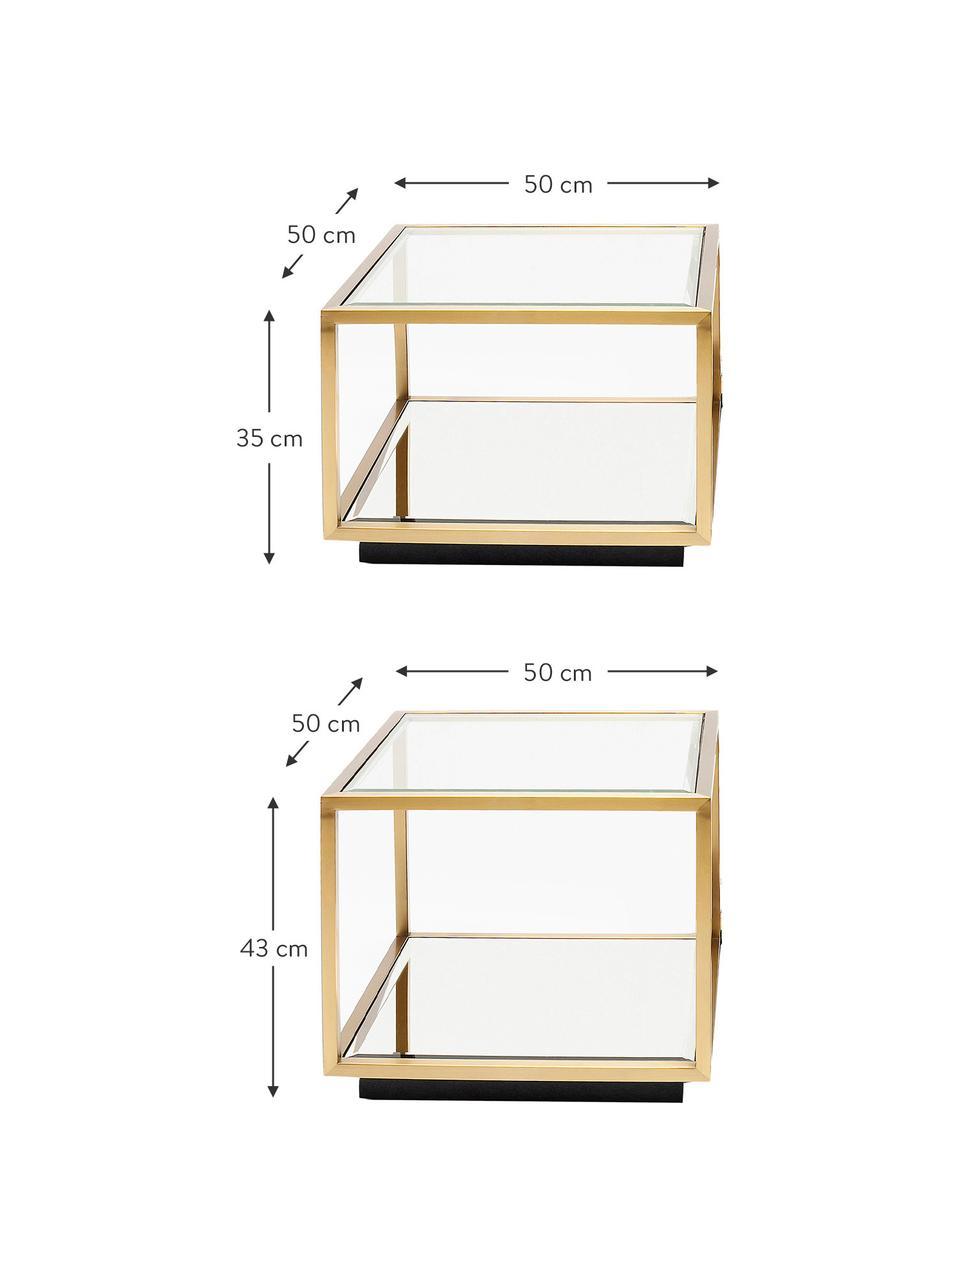 Couchtisch 4er-Set Luigi mit Spiegel-Böden, Gestell: Edelstahl, lackiert, Böden: Spiegelglas, Füße: Mitteldichte Faserplatte,, Goldfarben, Schwarz, Set mit verschiedenen Größen